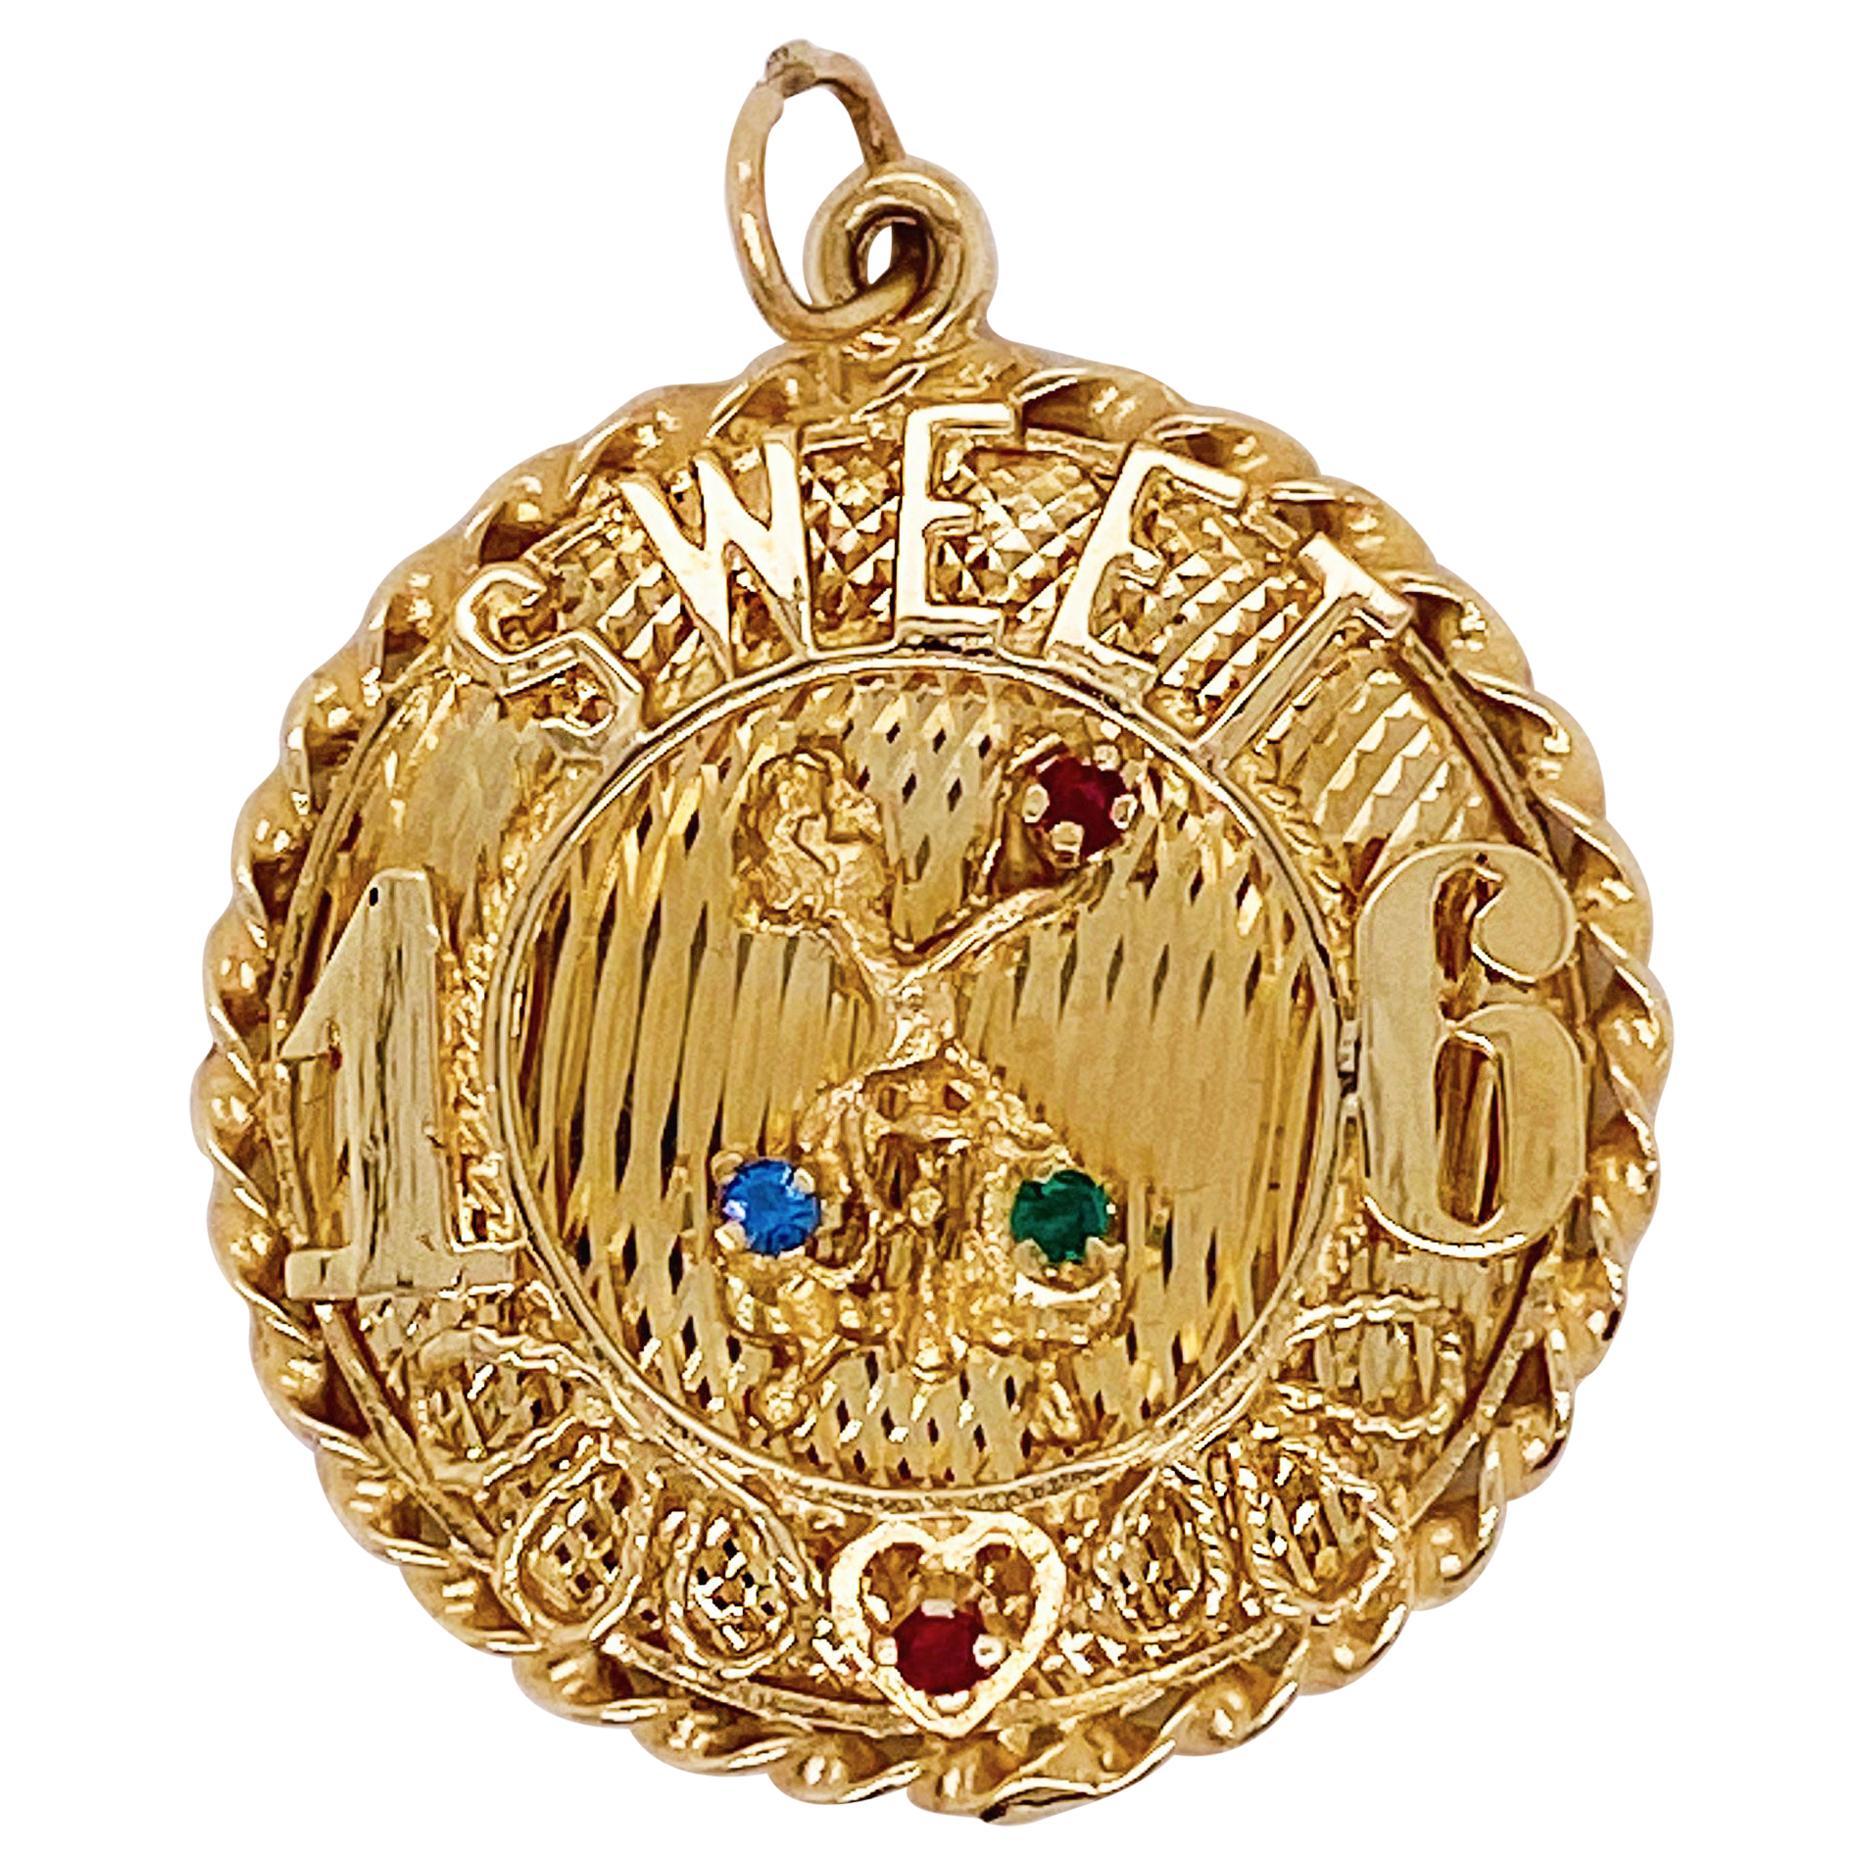 Sweet 16 Pendant in 14 Karat Gold, Gold Disk for Charm Bracelet or Necklace